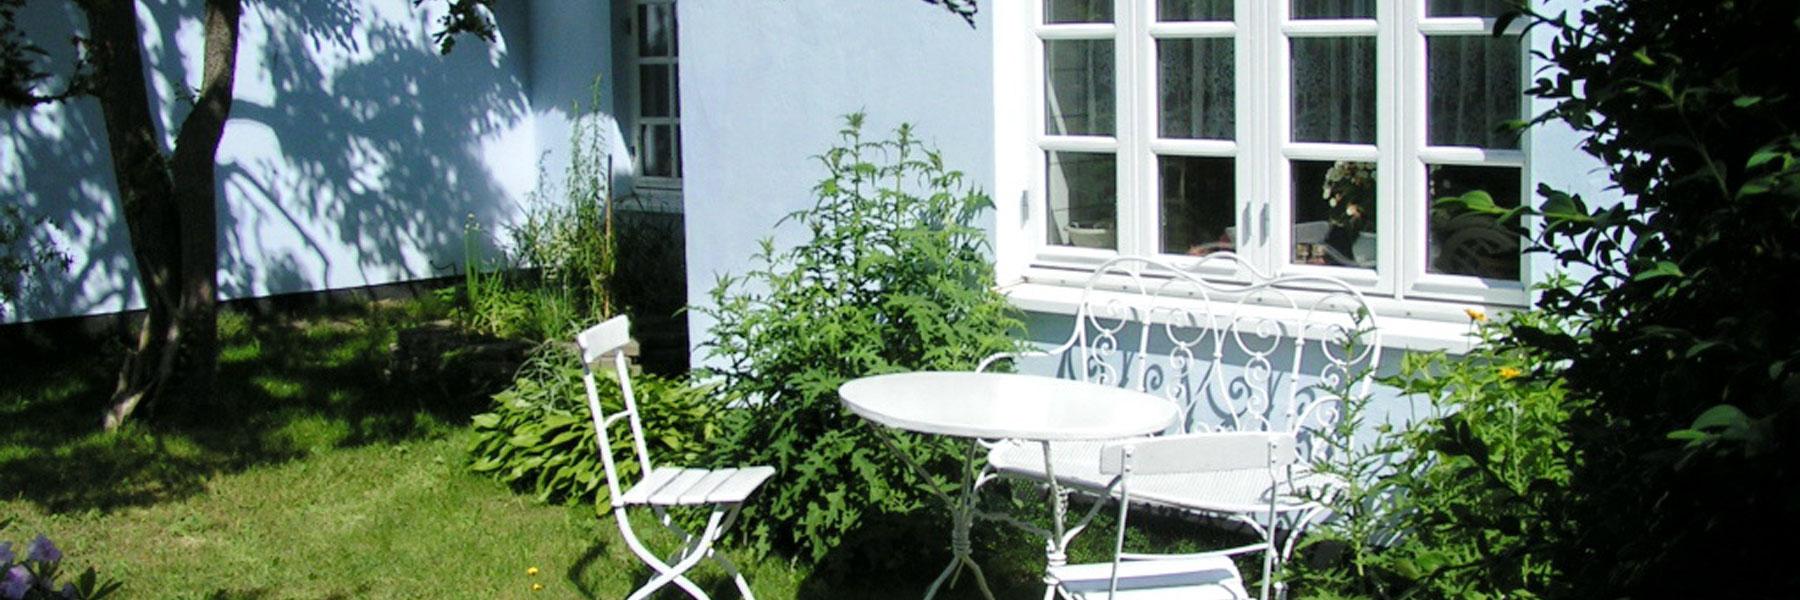 Garten - Ferienwohnung im Darßer Landhaus